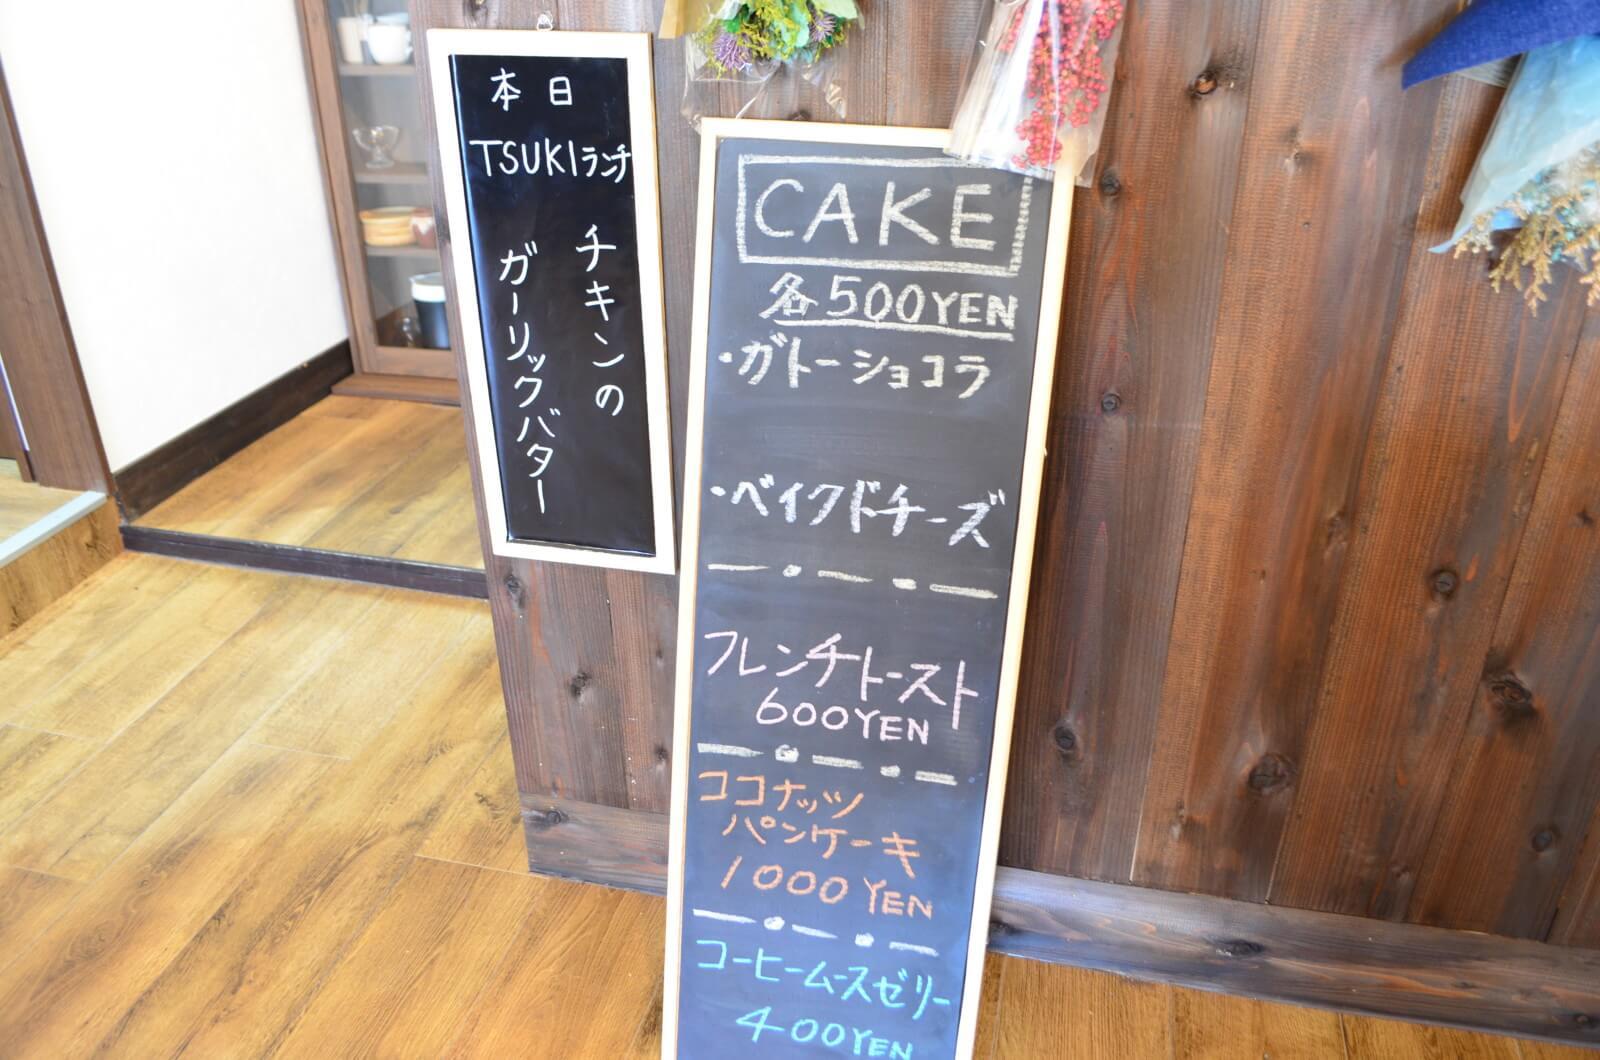 TSUKI CAFE デザート